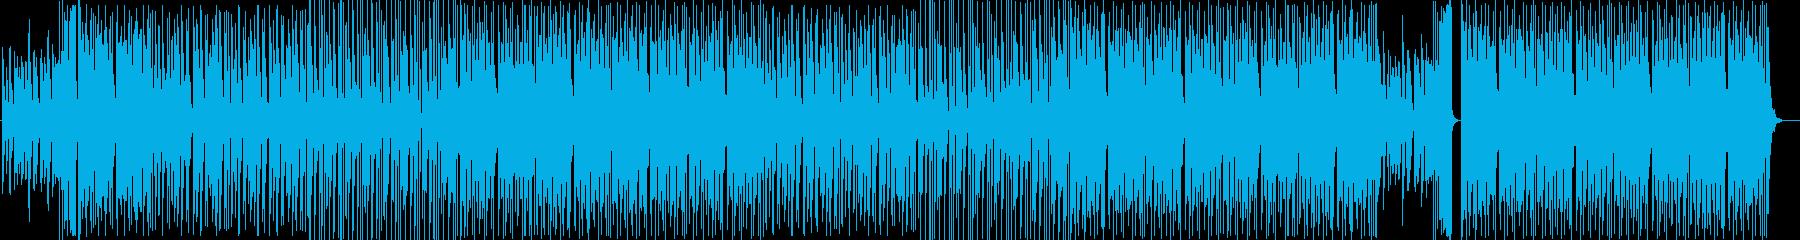 ヒップホップ/ブラス/ストリングス/#3の再生済みの波形